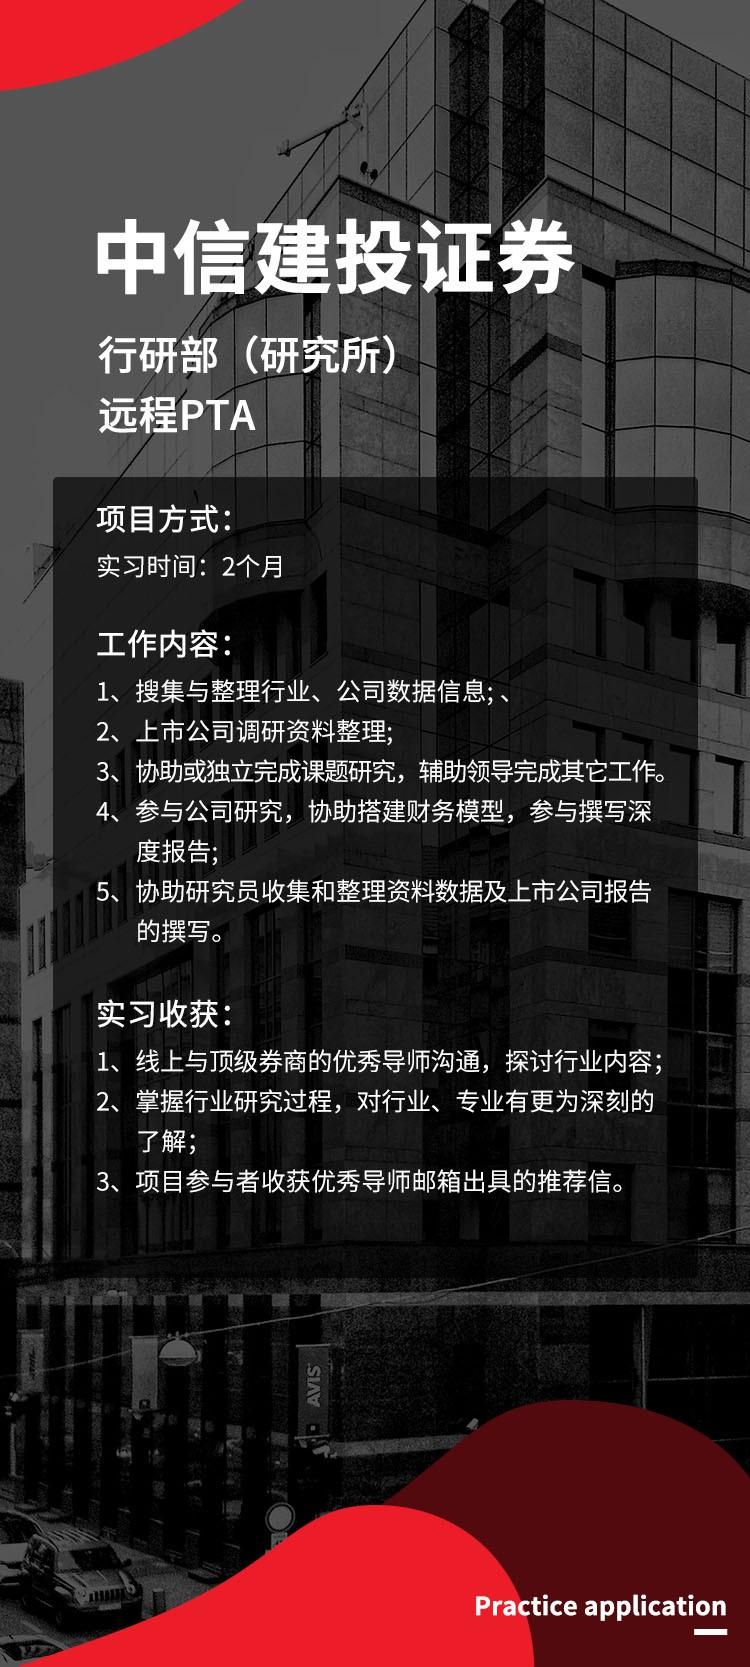 中信建投行研远程(2个月)